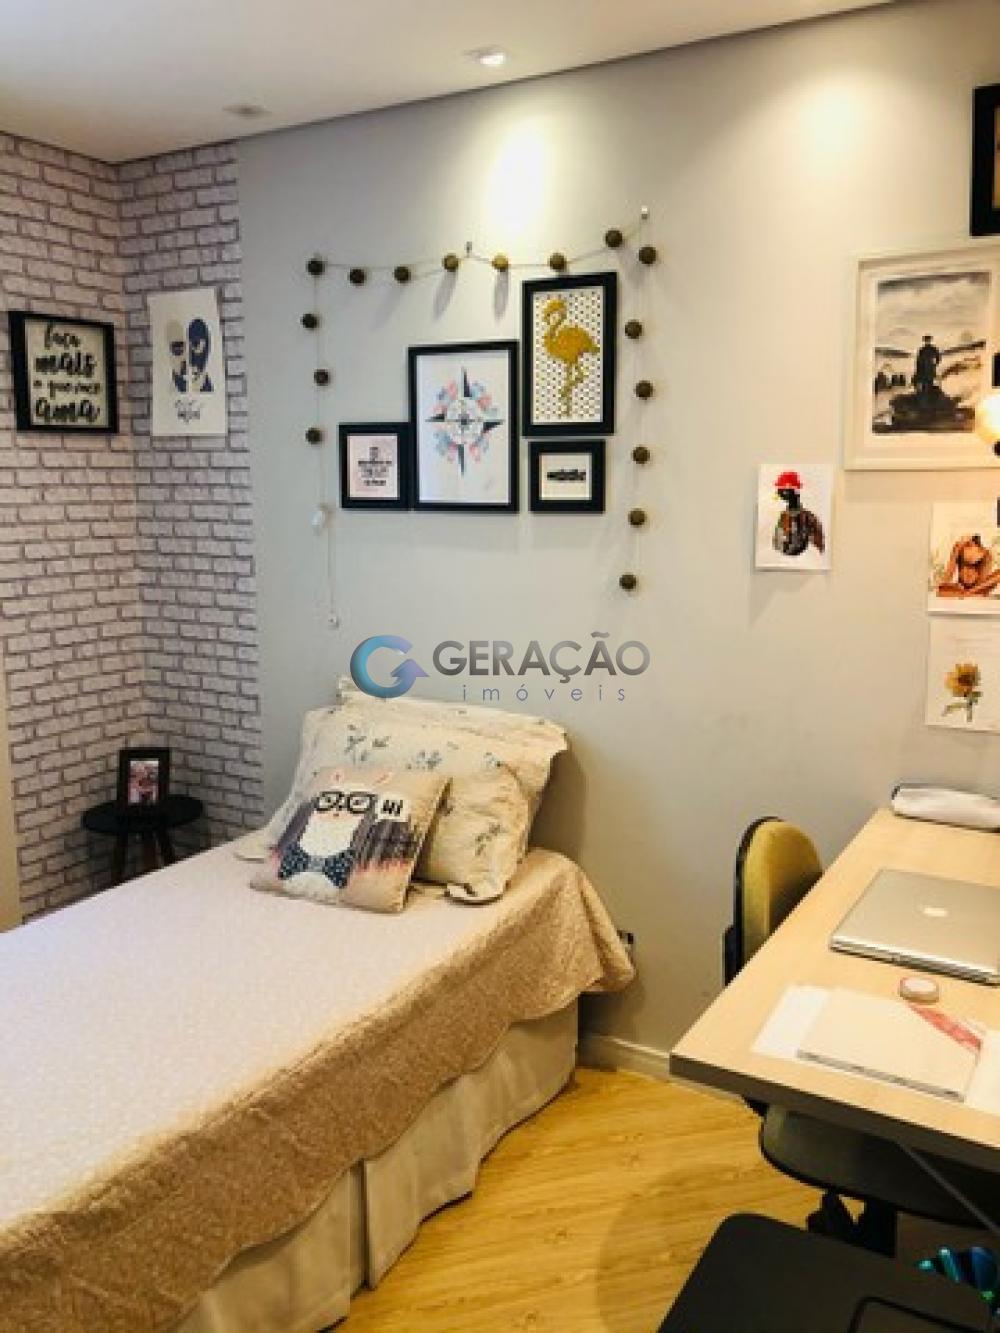 Comprar Apartamento / Padrão em São José dos Campos R$ 756.000,00 - Foto 8